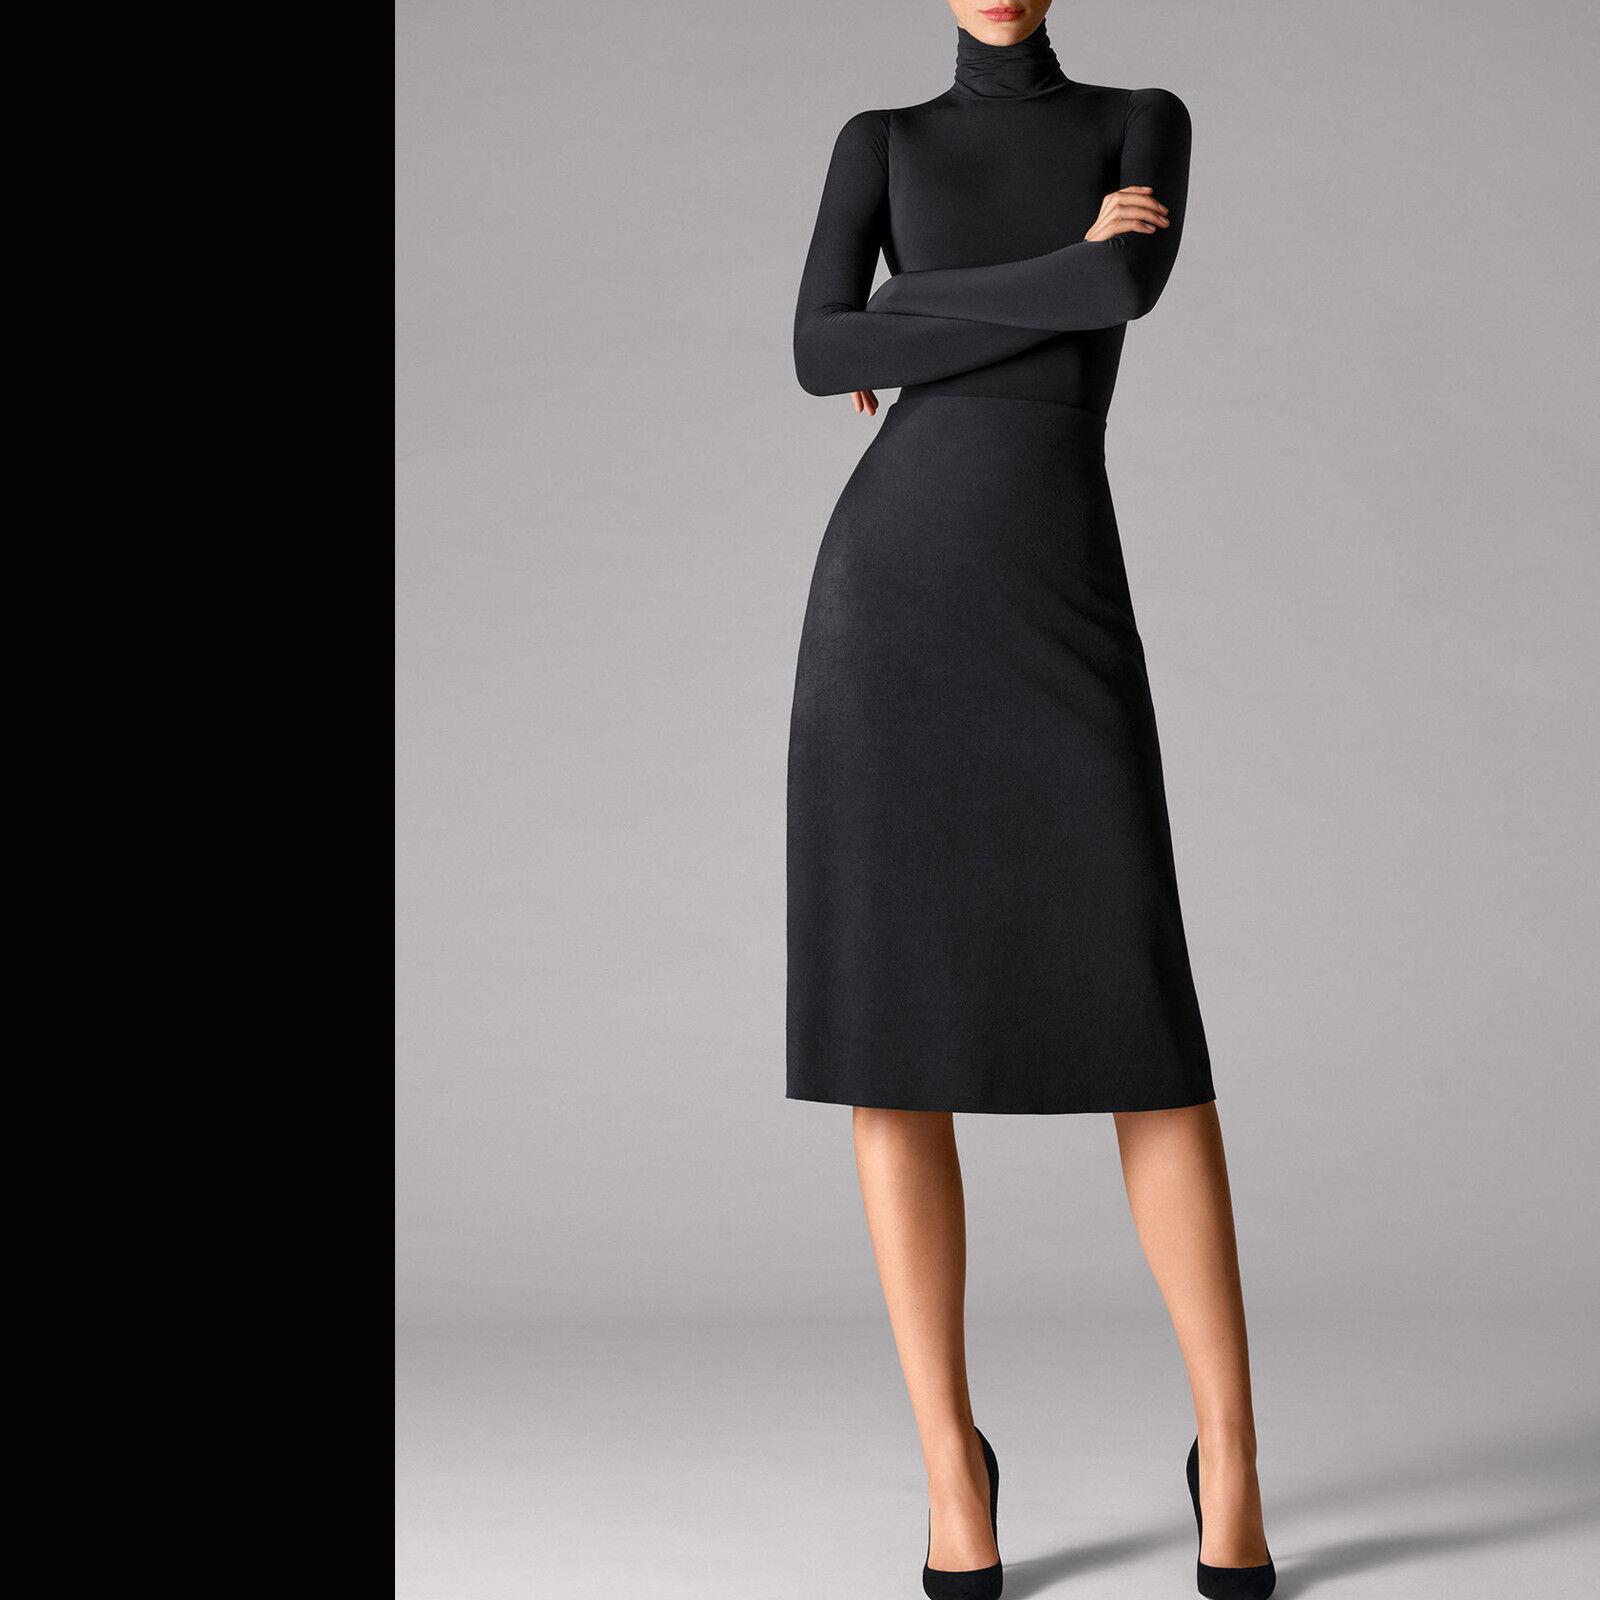 Wolford Velour Skirt • schwarz  ... leicht ausgestellter Rock aus Velour Leder